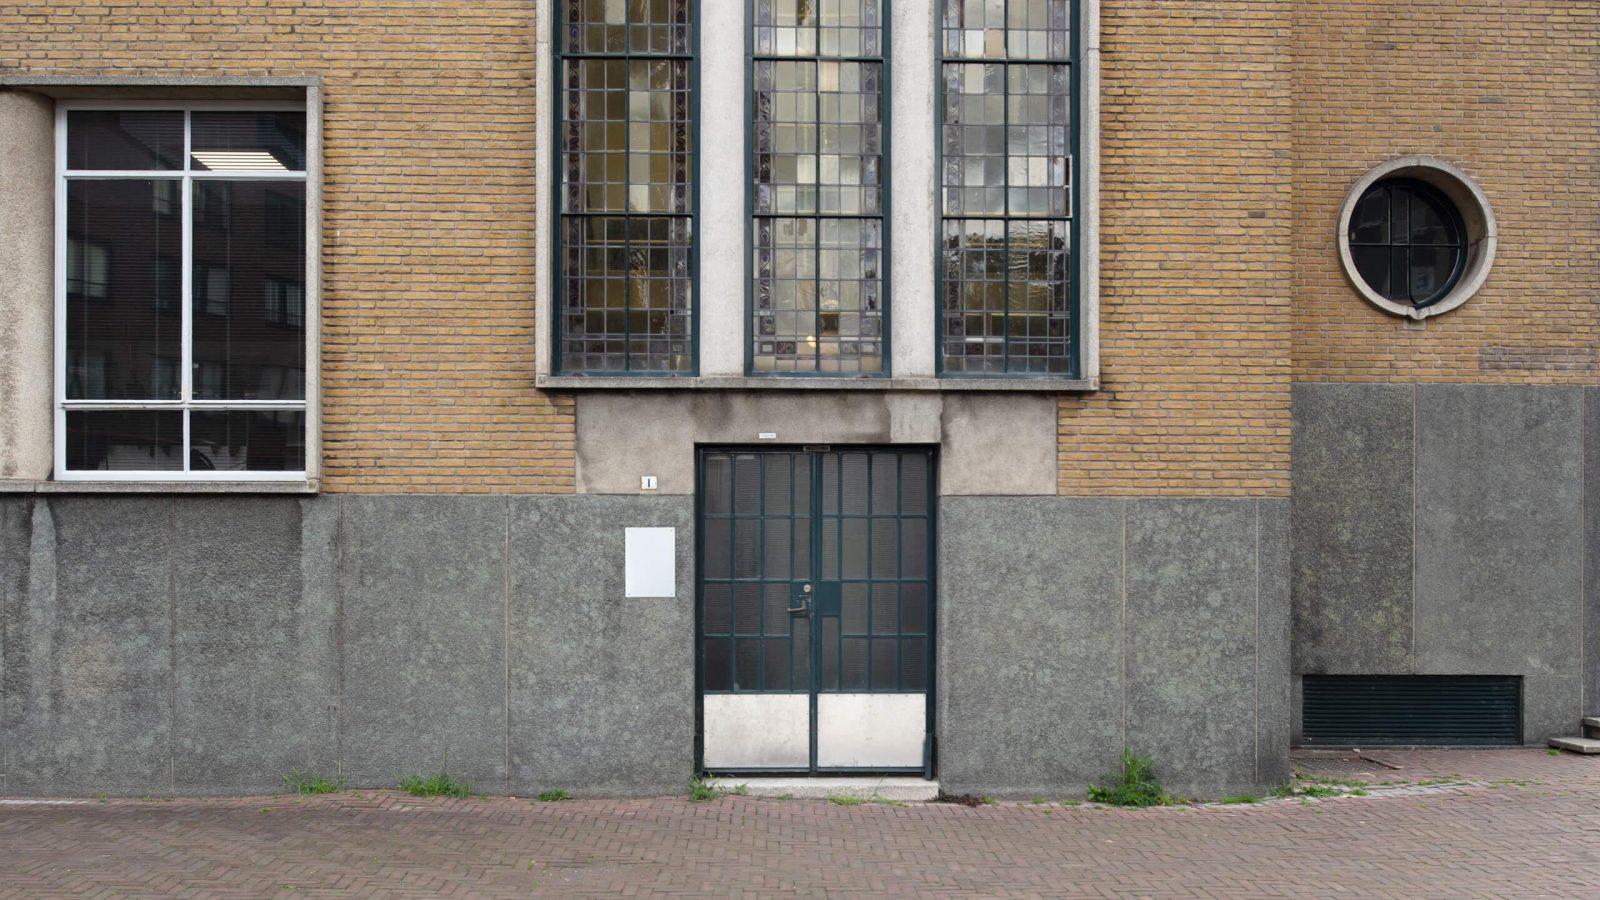 2021 PWR ML kantoor en pakhuis blaauwhoedenveem10